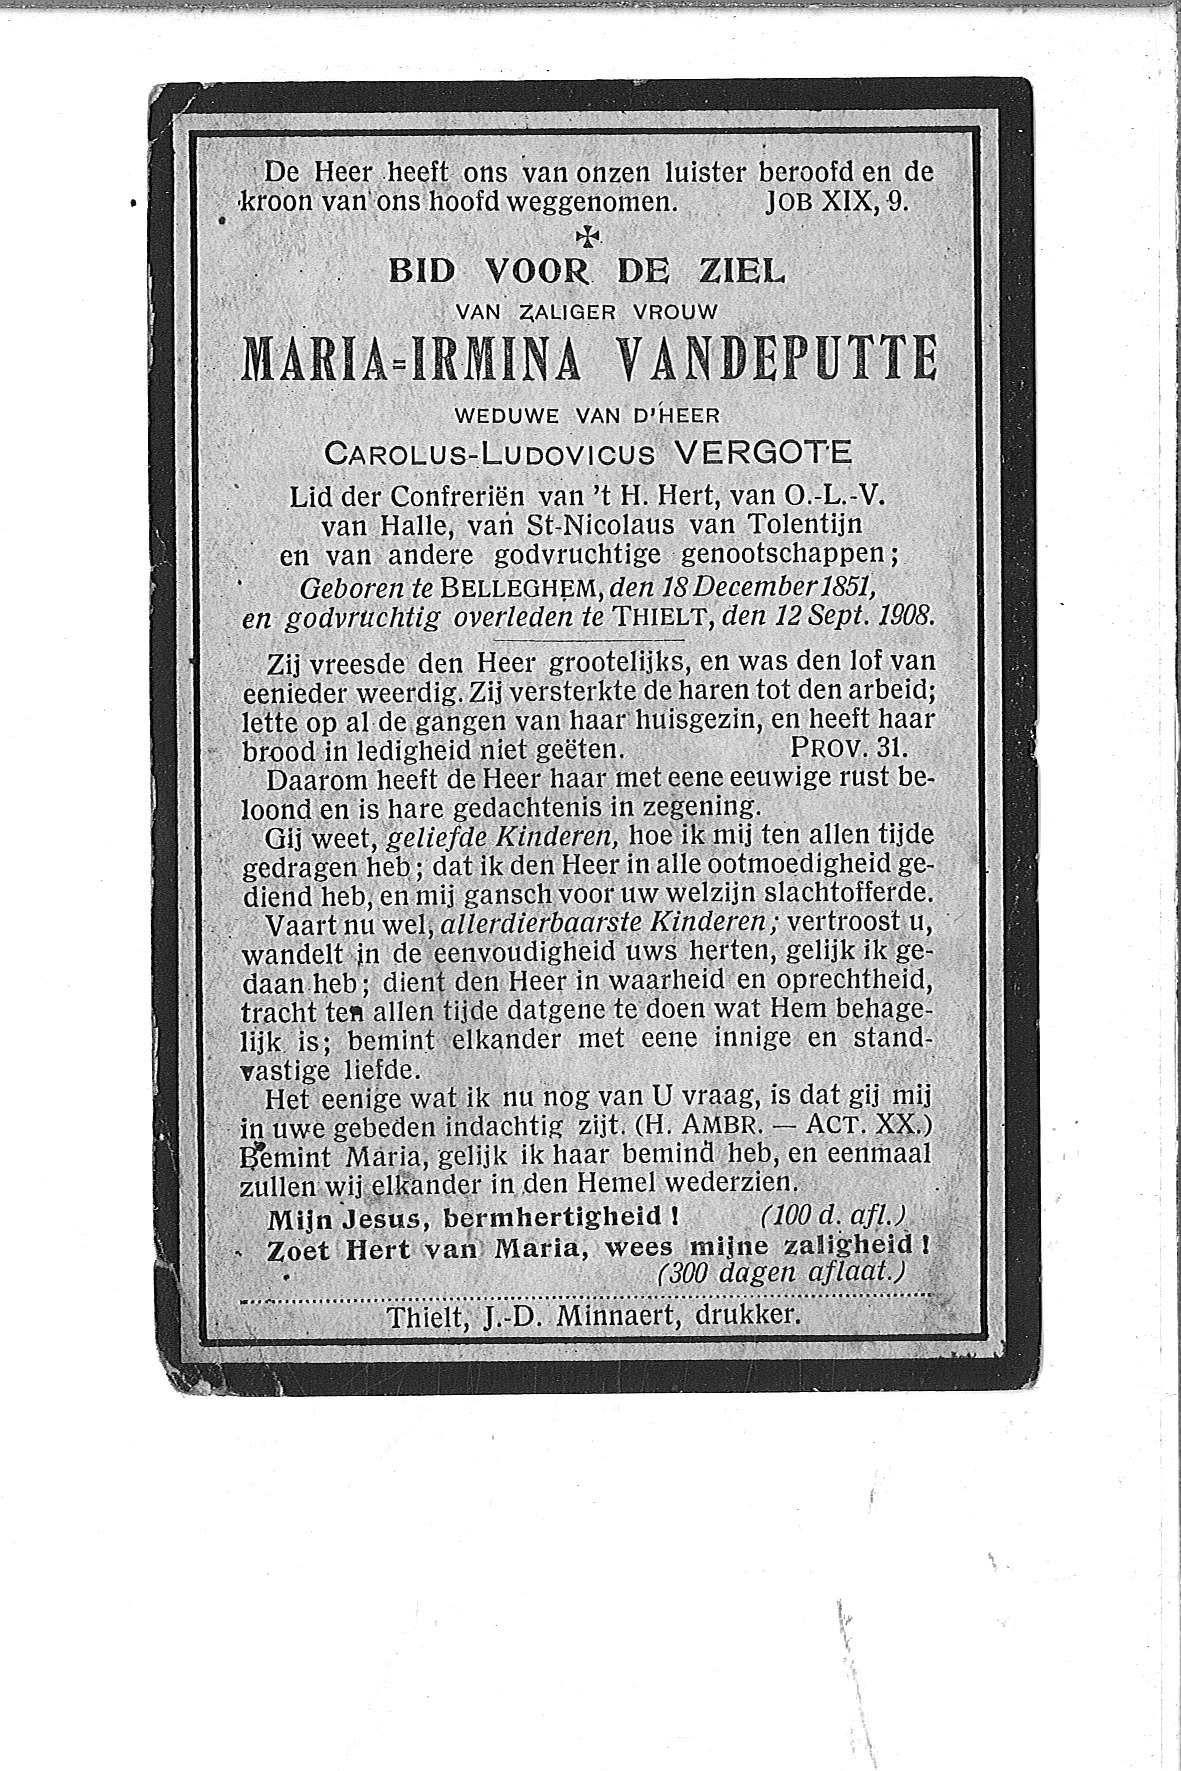 Maria-Irminia(1908)20131023134903_00018.jpg